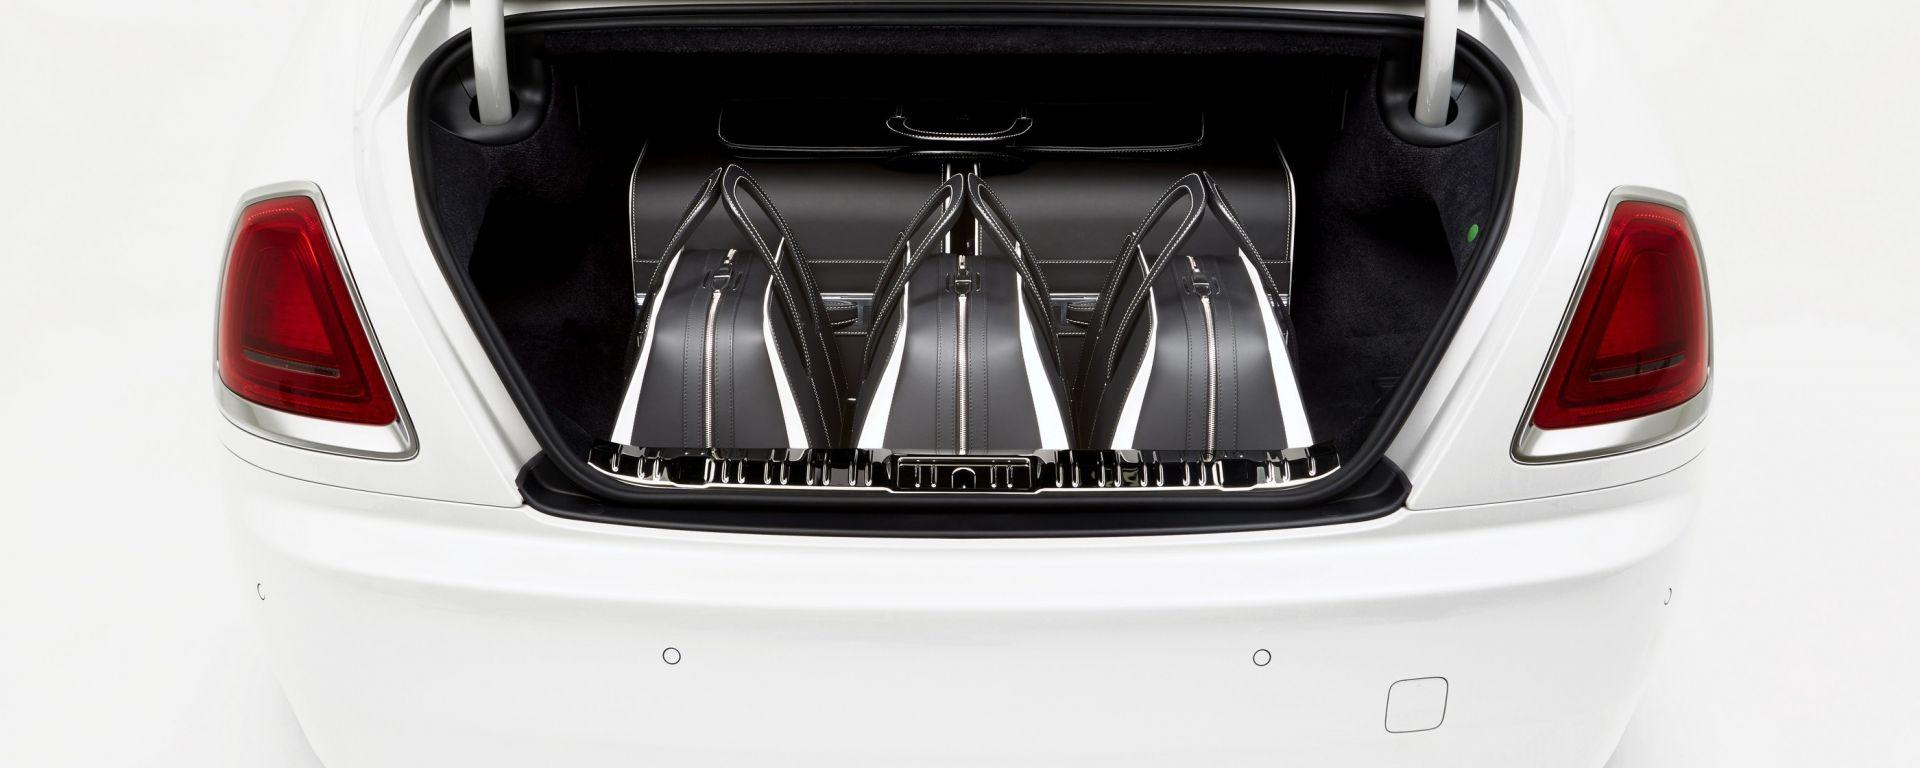 Rolls-Royce: un set di valigie da 29.000 euro per la Wraith